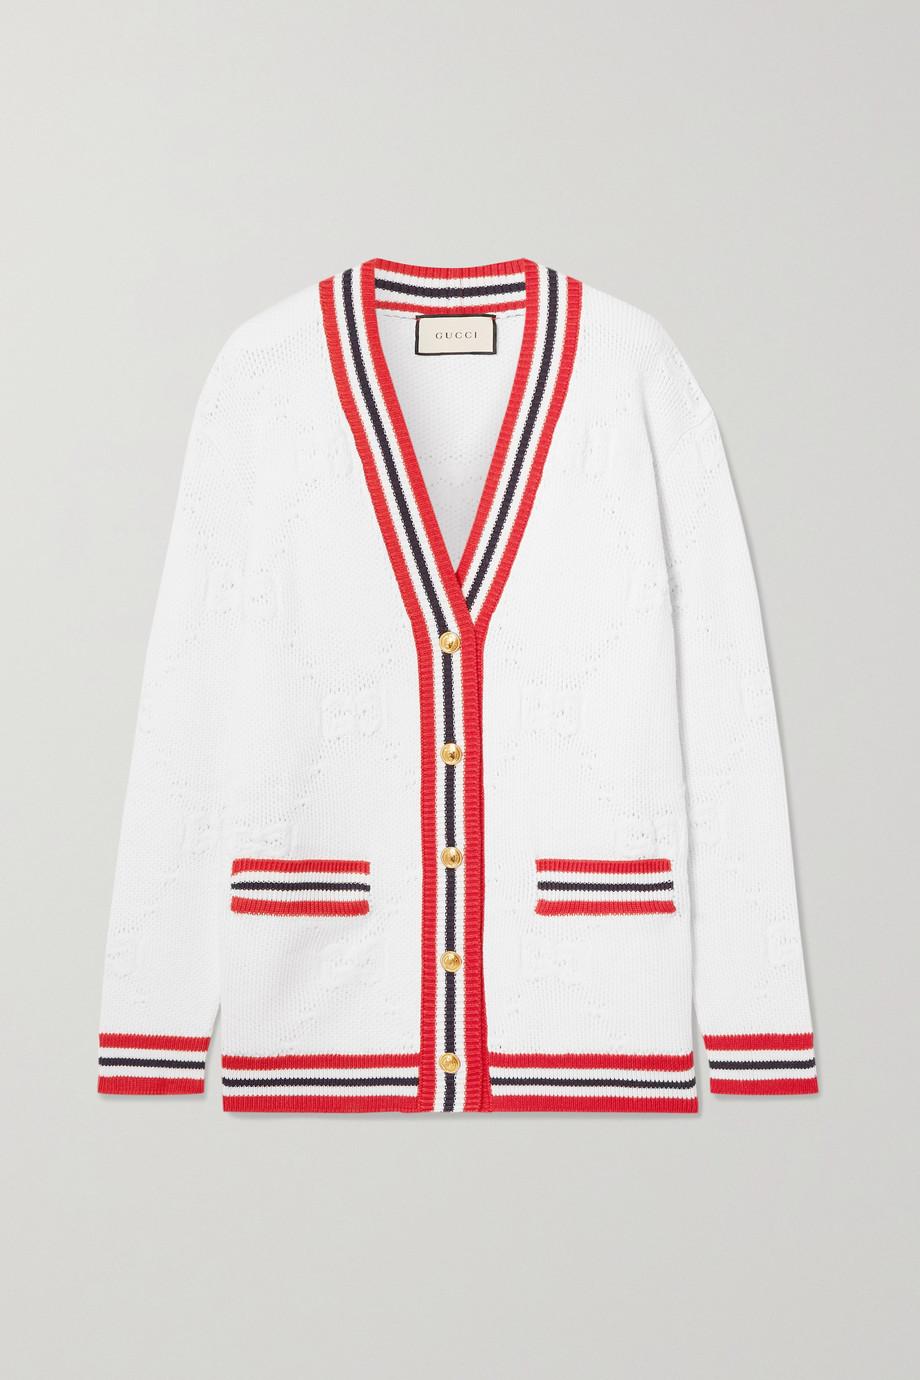 Gucci Striped wool-blend jacquard-knit cardigan